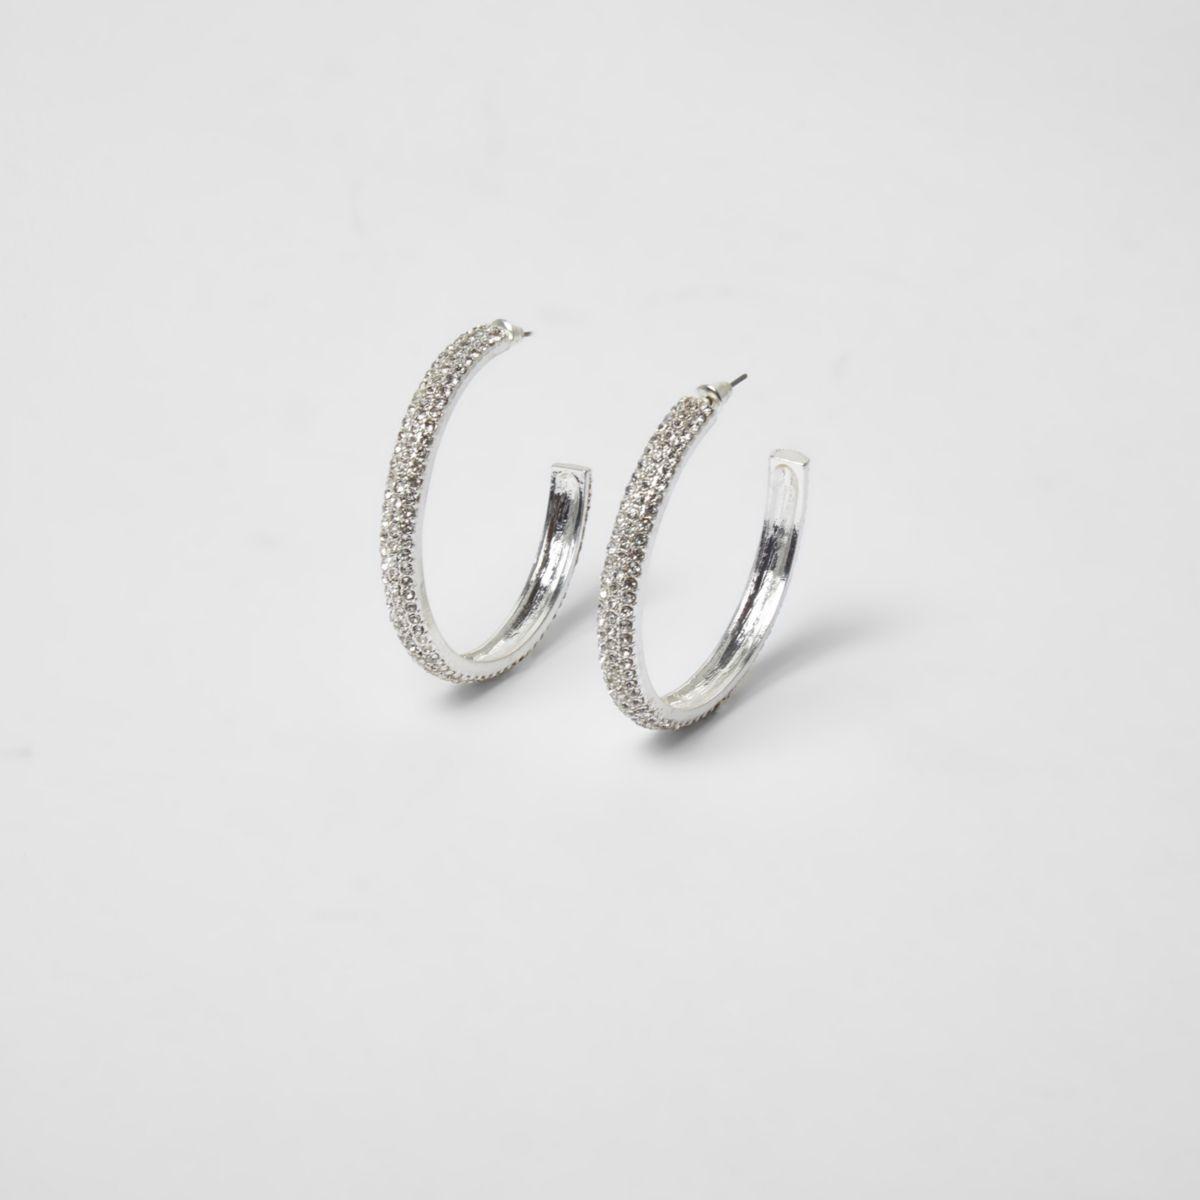 Silver tone chunky rhinestone hoop earrings